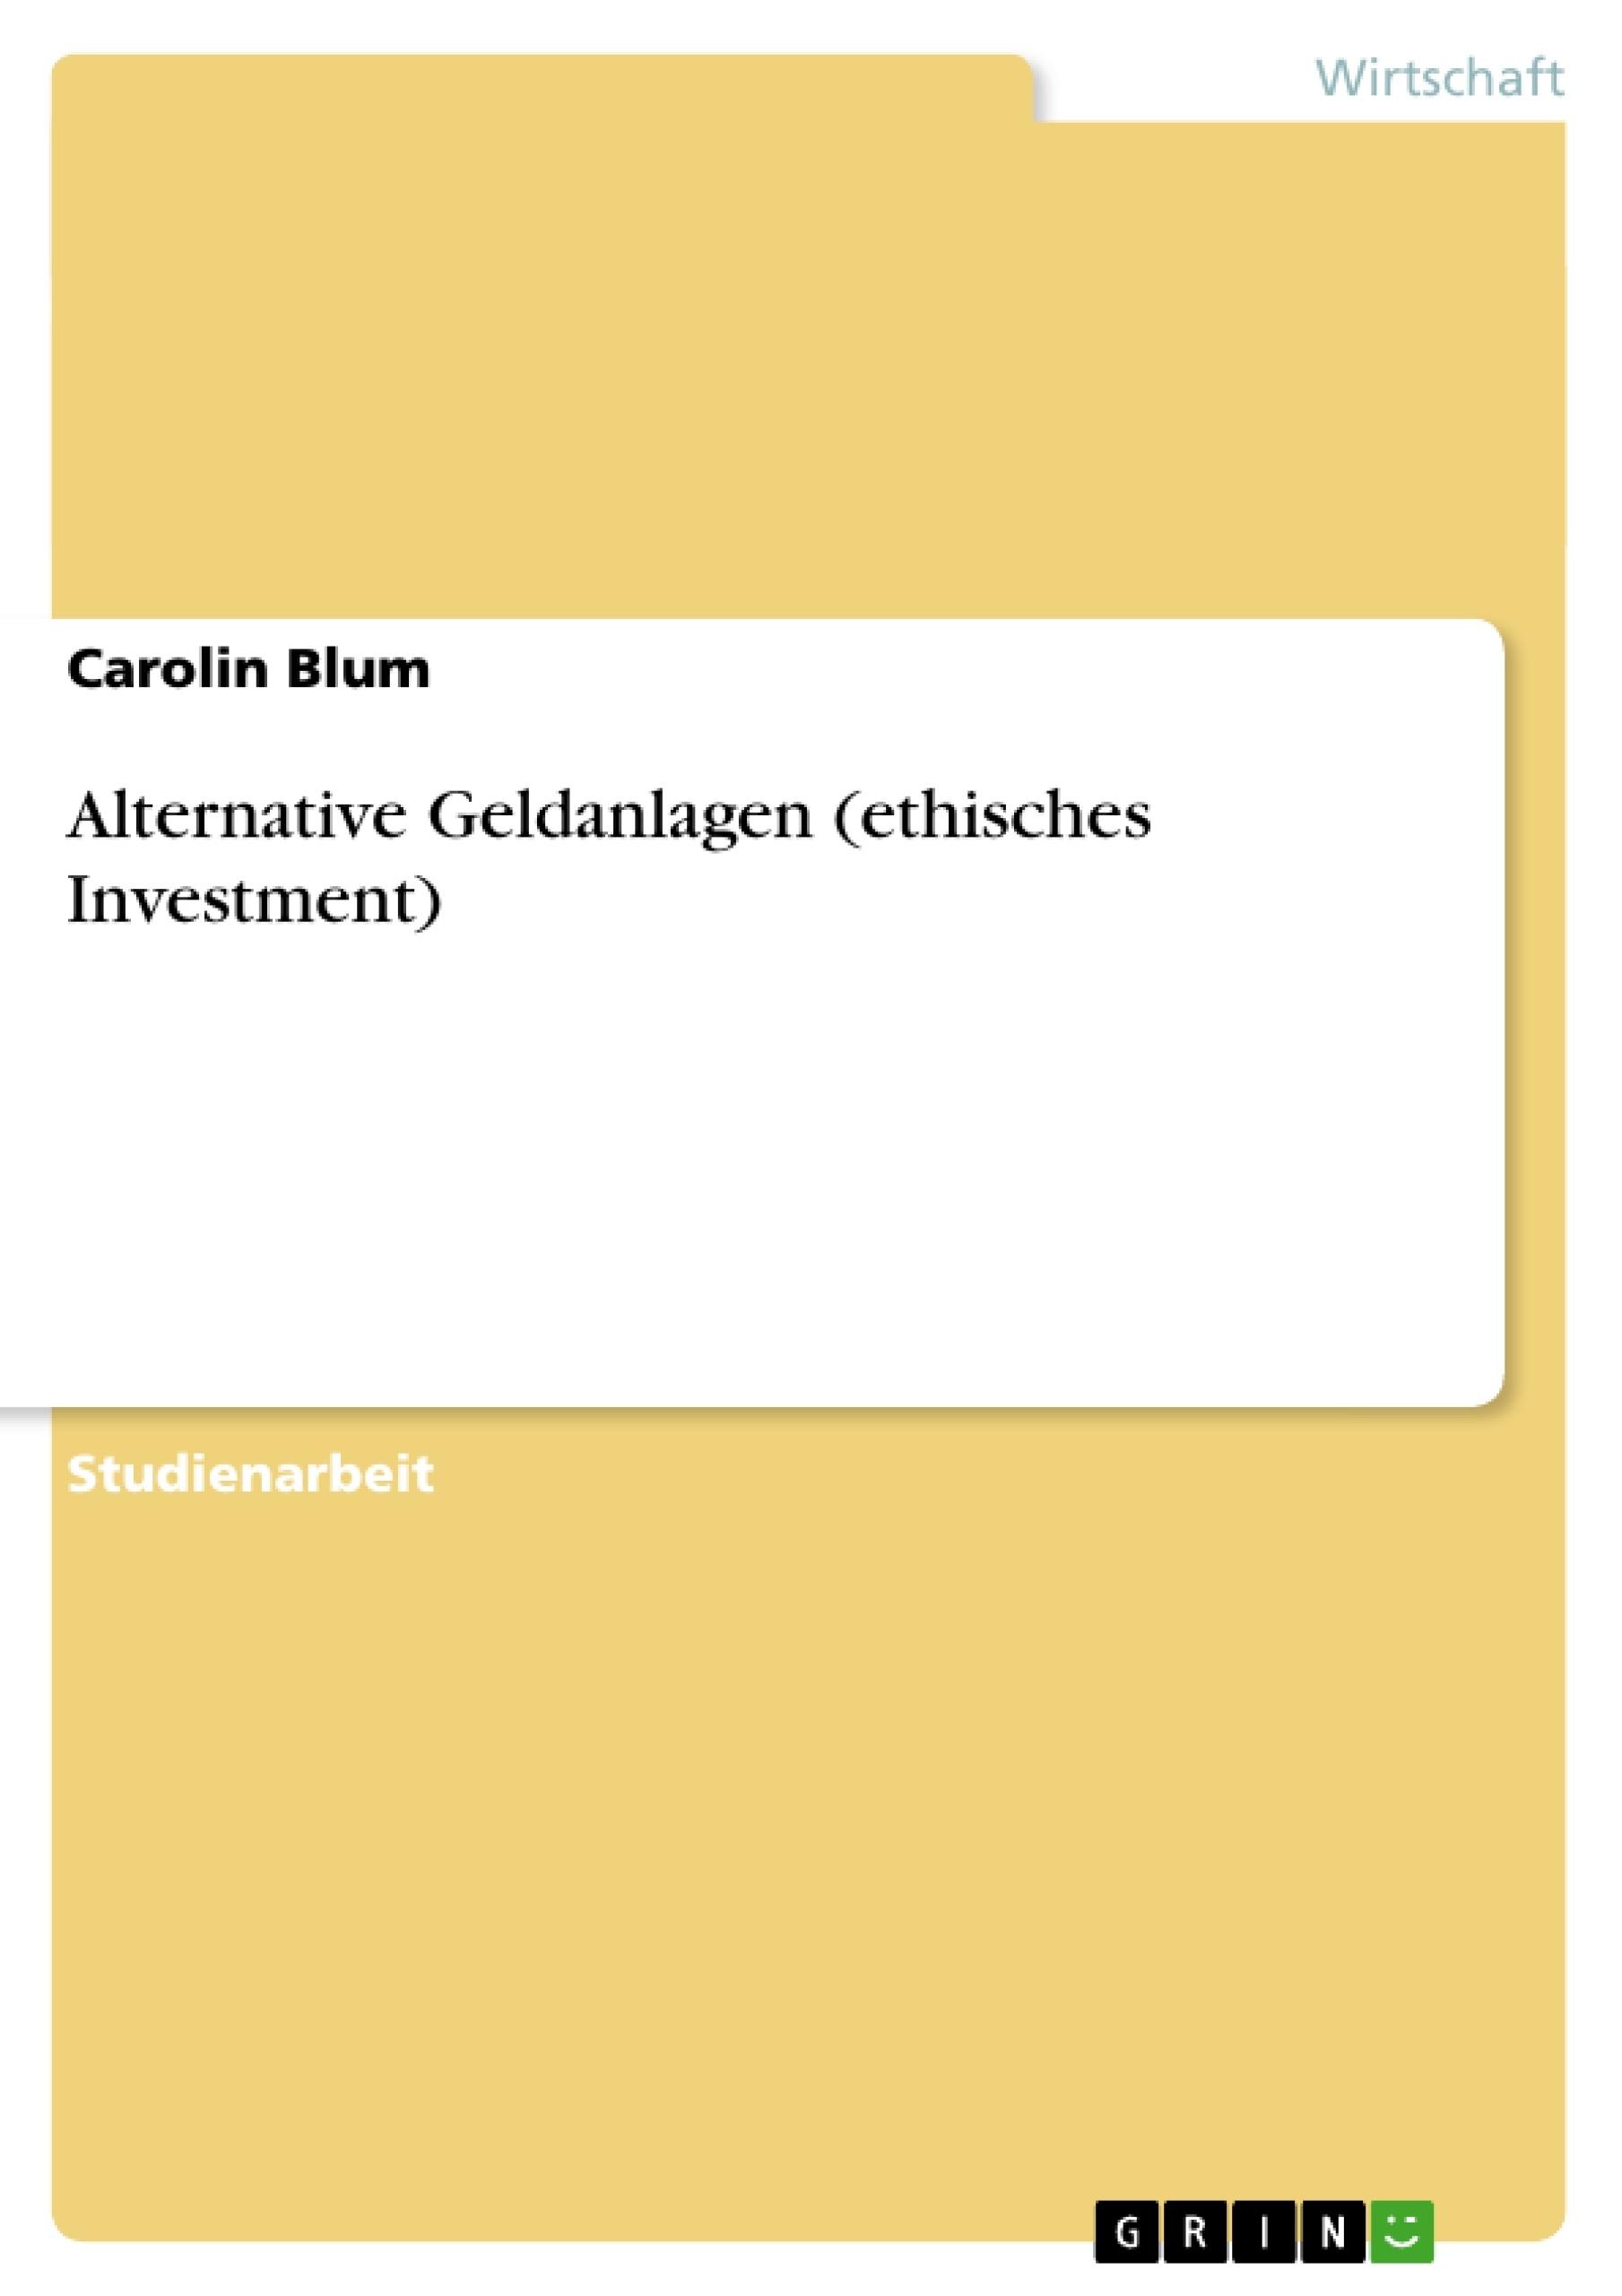 Titel: Alternative Geldanlagen (ethisches Investment)